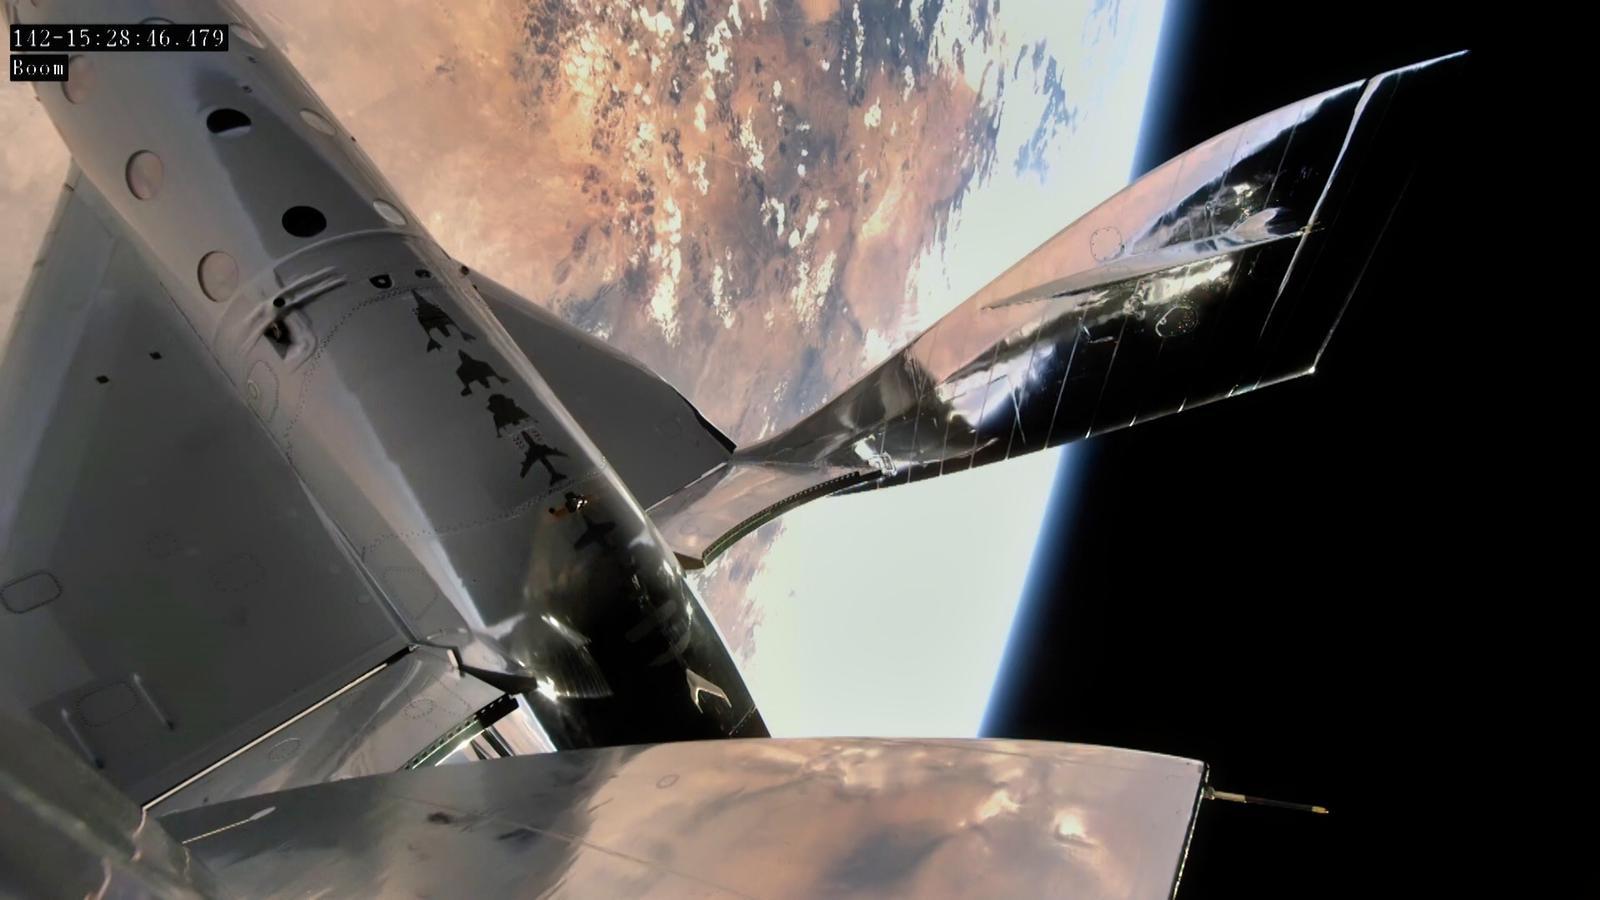 ヴァージンが2年ぶり、3度目の有人飛行に成功 「年400便」へ前進